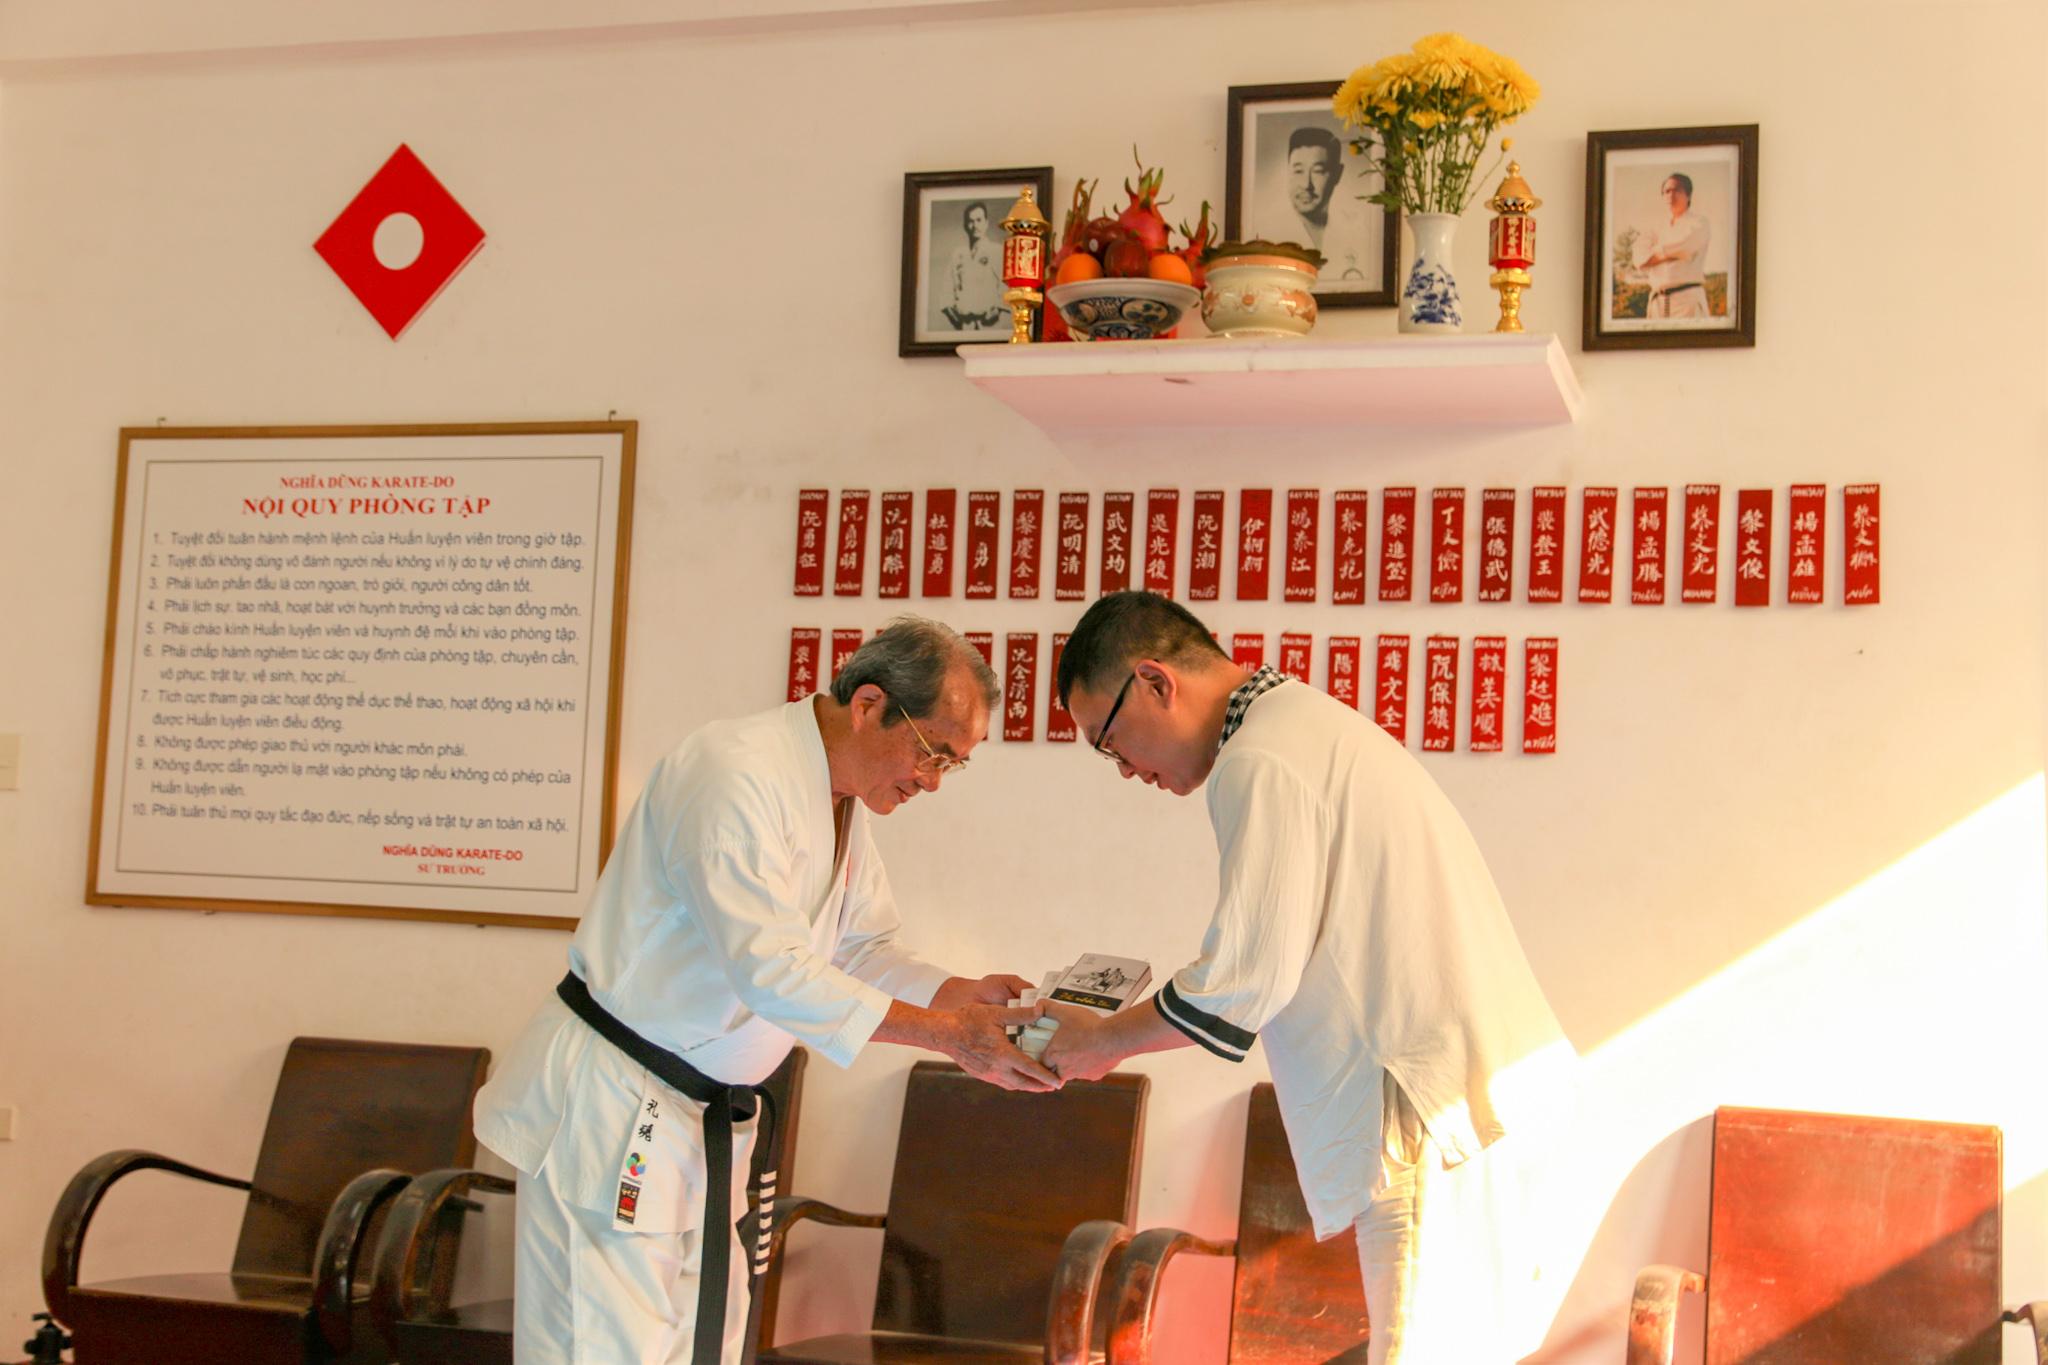 Trao tặng 15,000 cuốn sách quý đổi đời cho hệ thống thư viện Nghĩa Dũng Karate-do